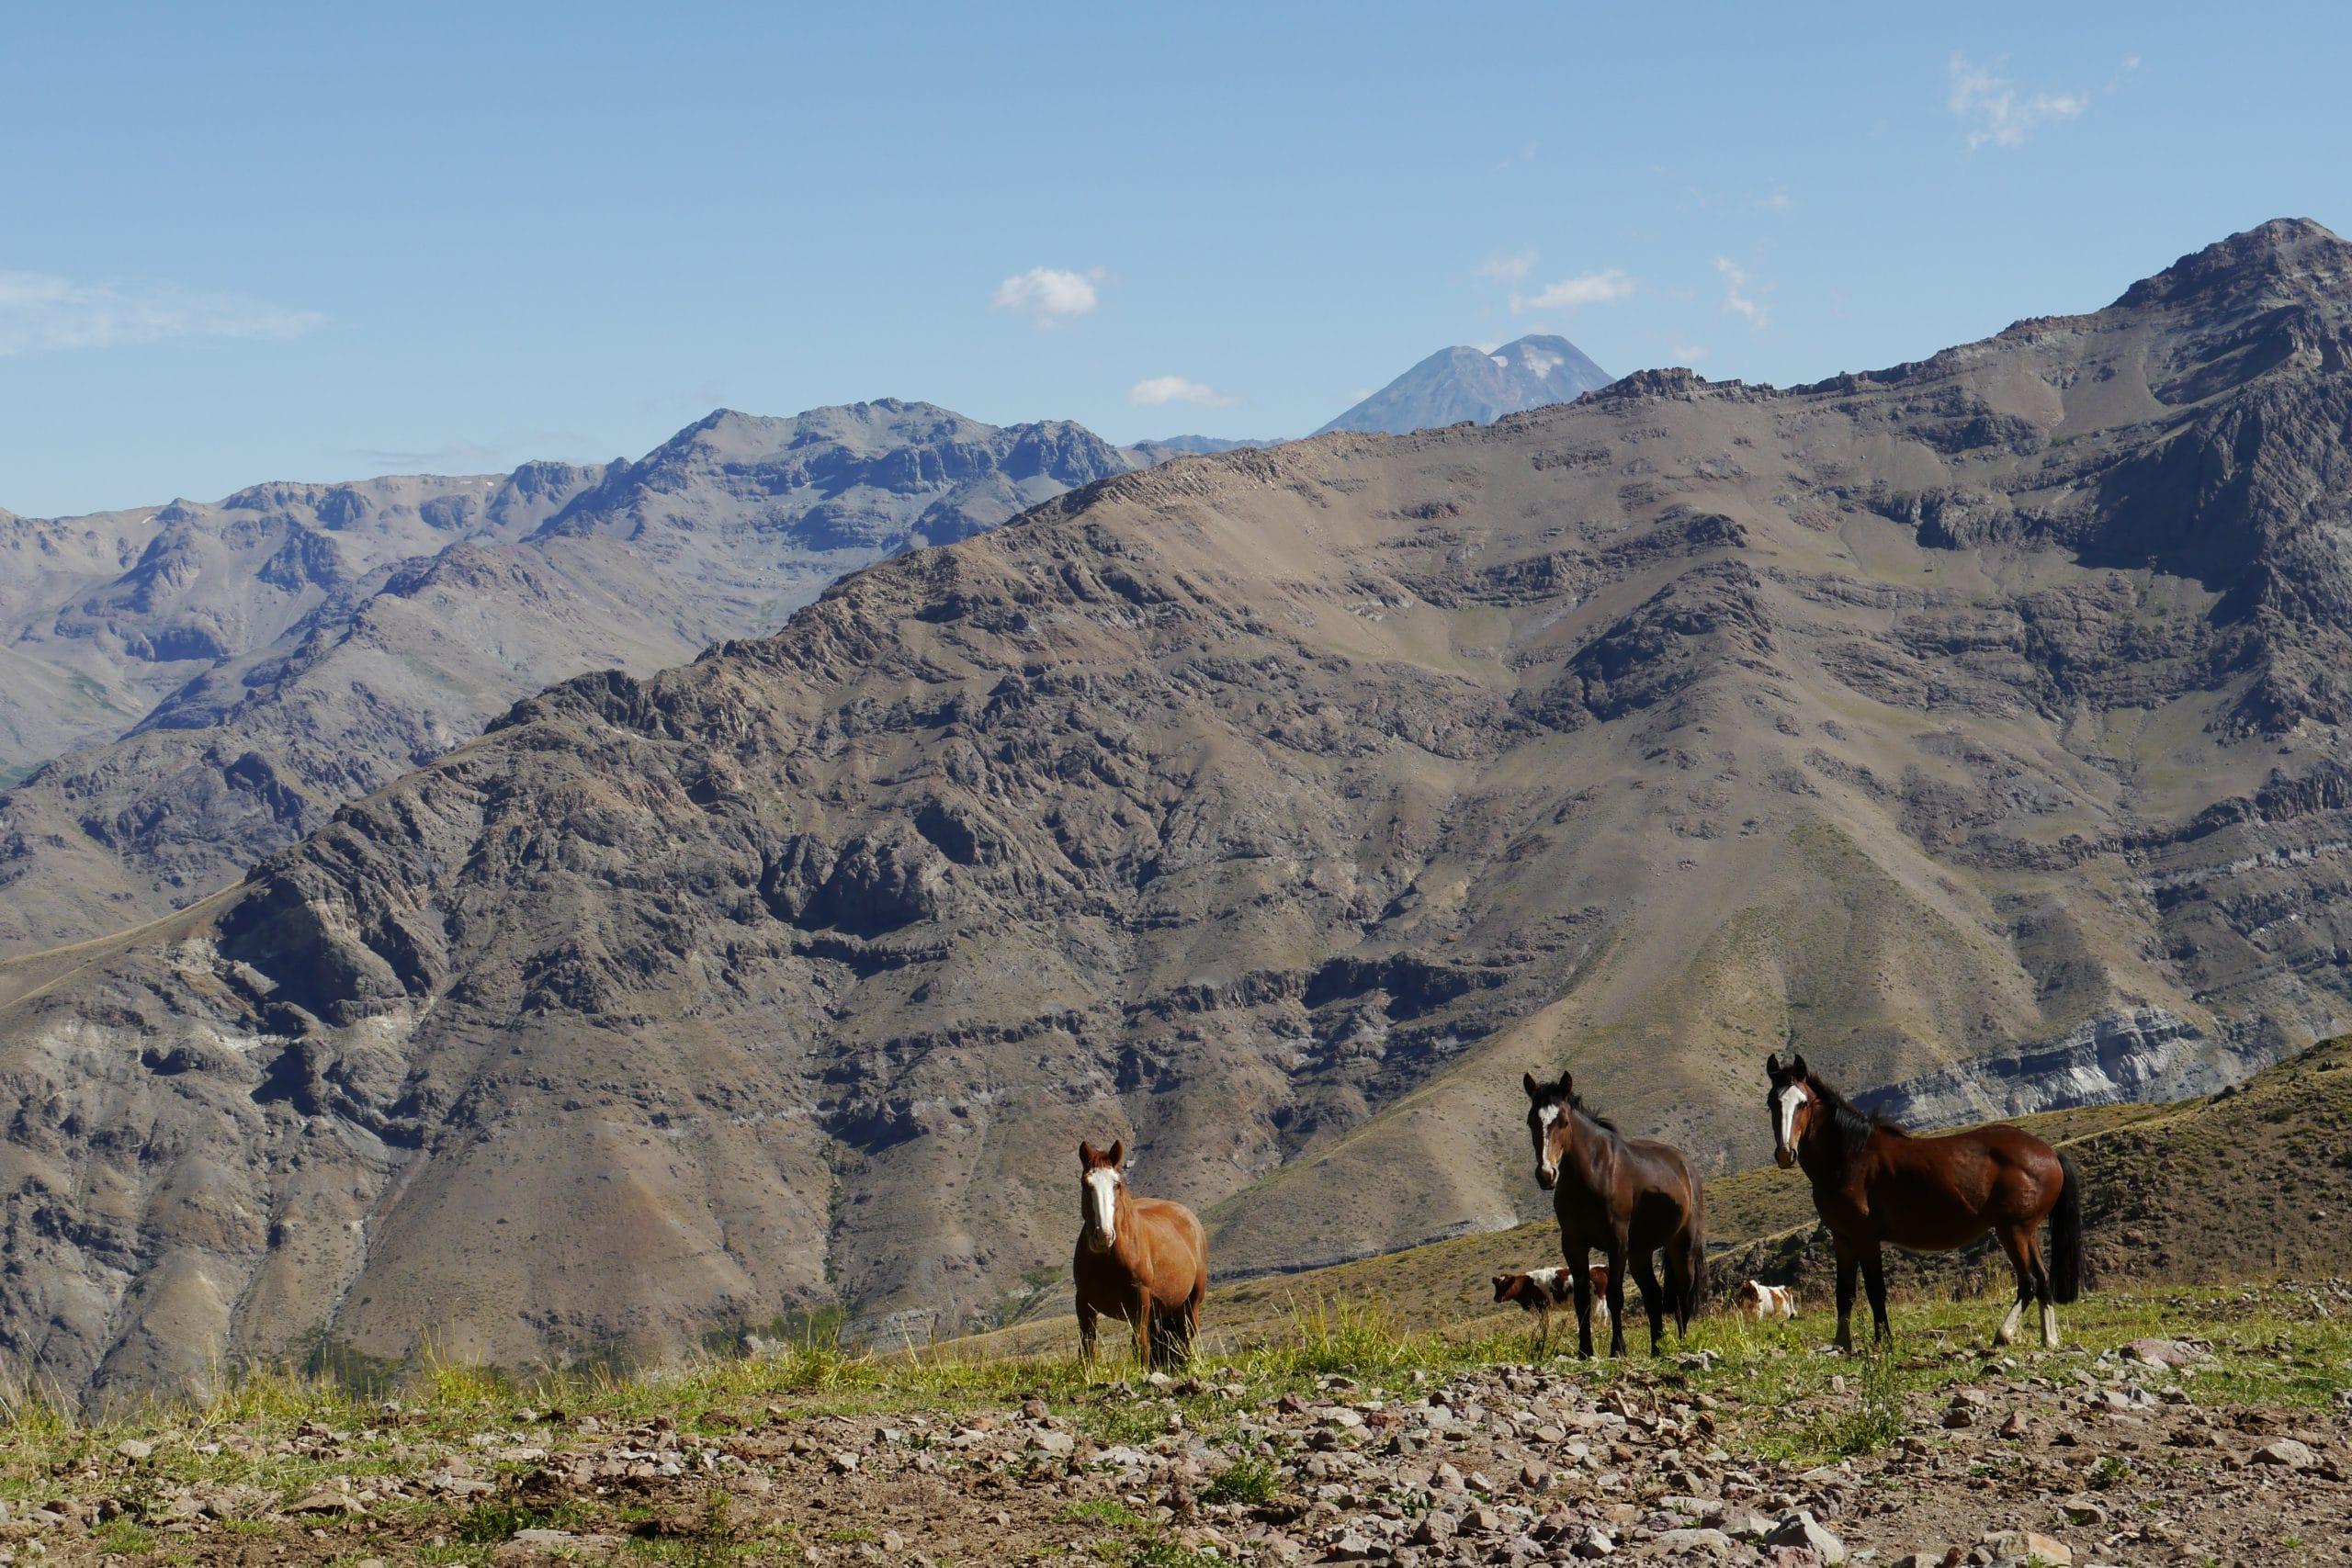 Freiheit in den Anden mit Pferden